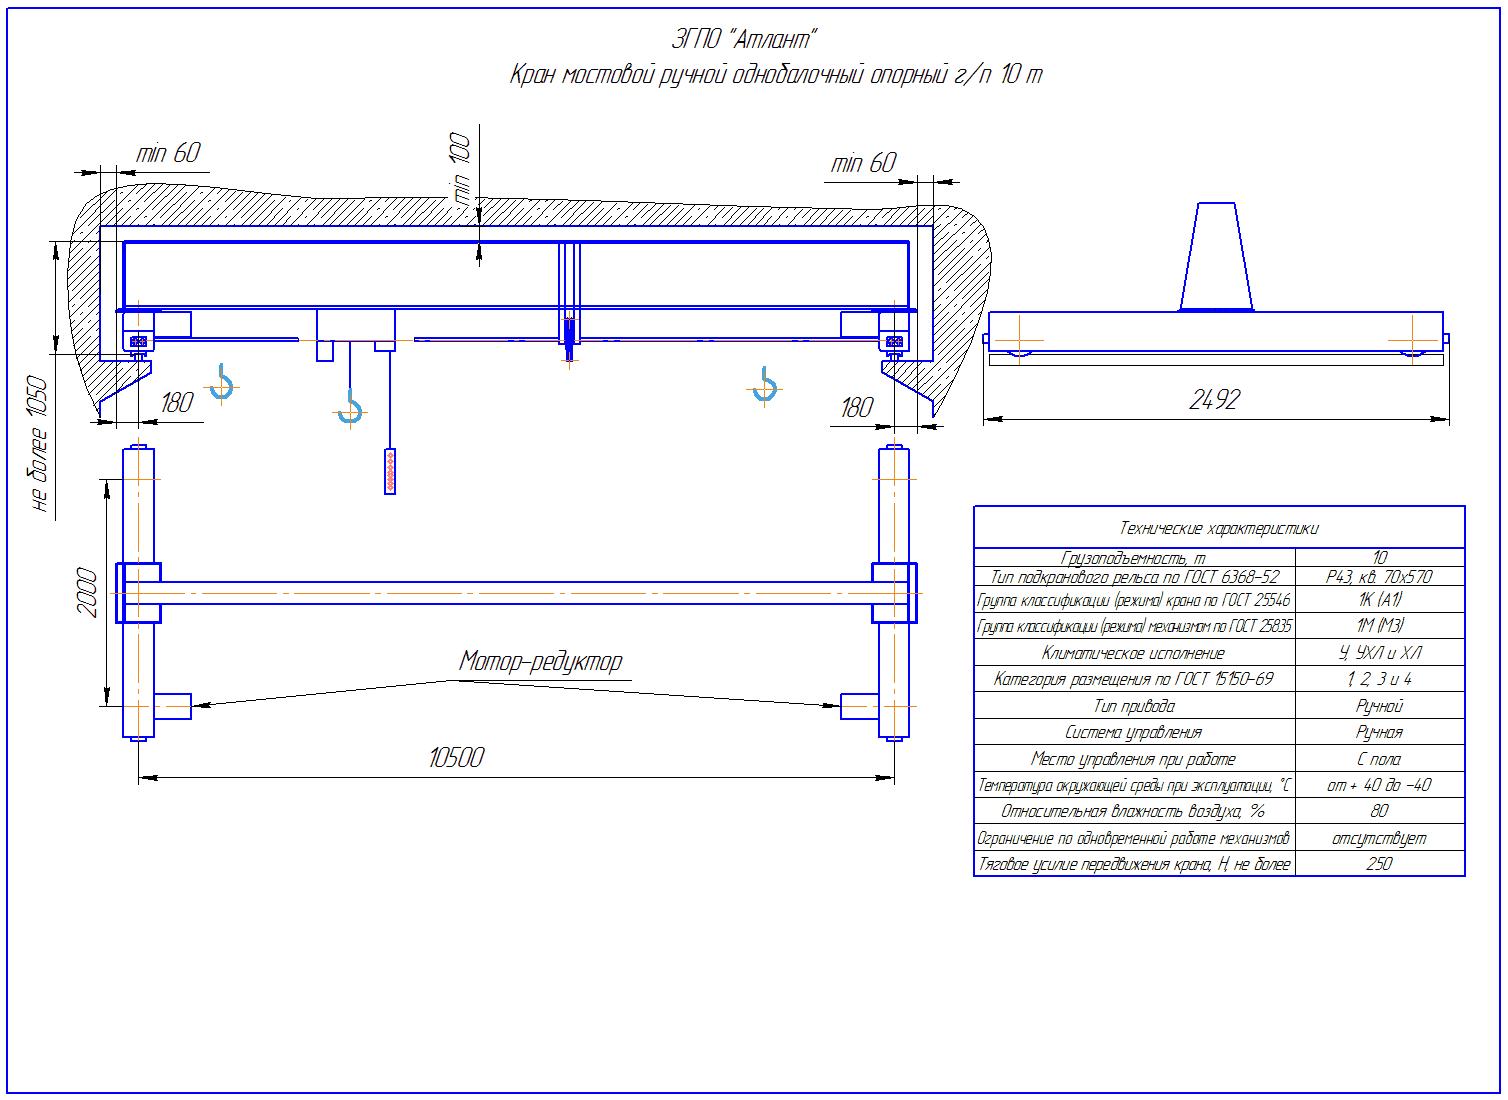 KRMOO 10 105 - Кран ручной мостовой опорный однобалочный